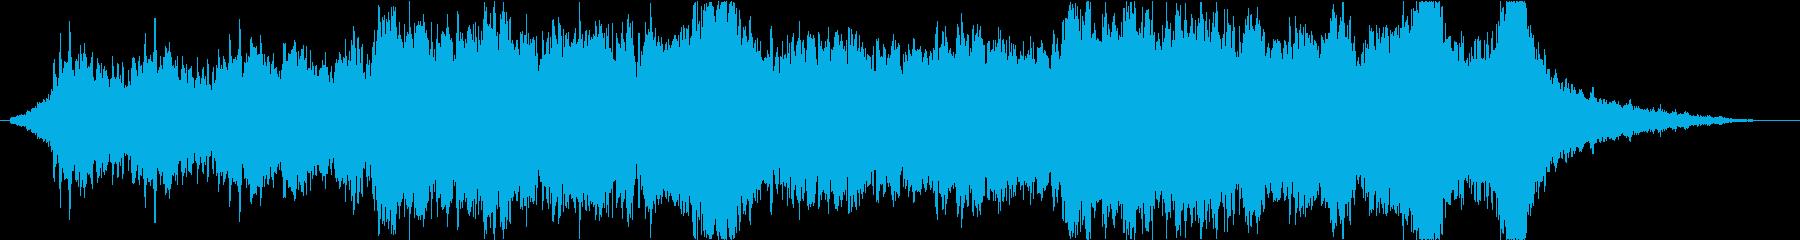 いざ出航(壮大)【オーケストラ】の再生済みの波形